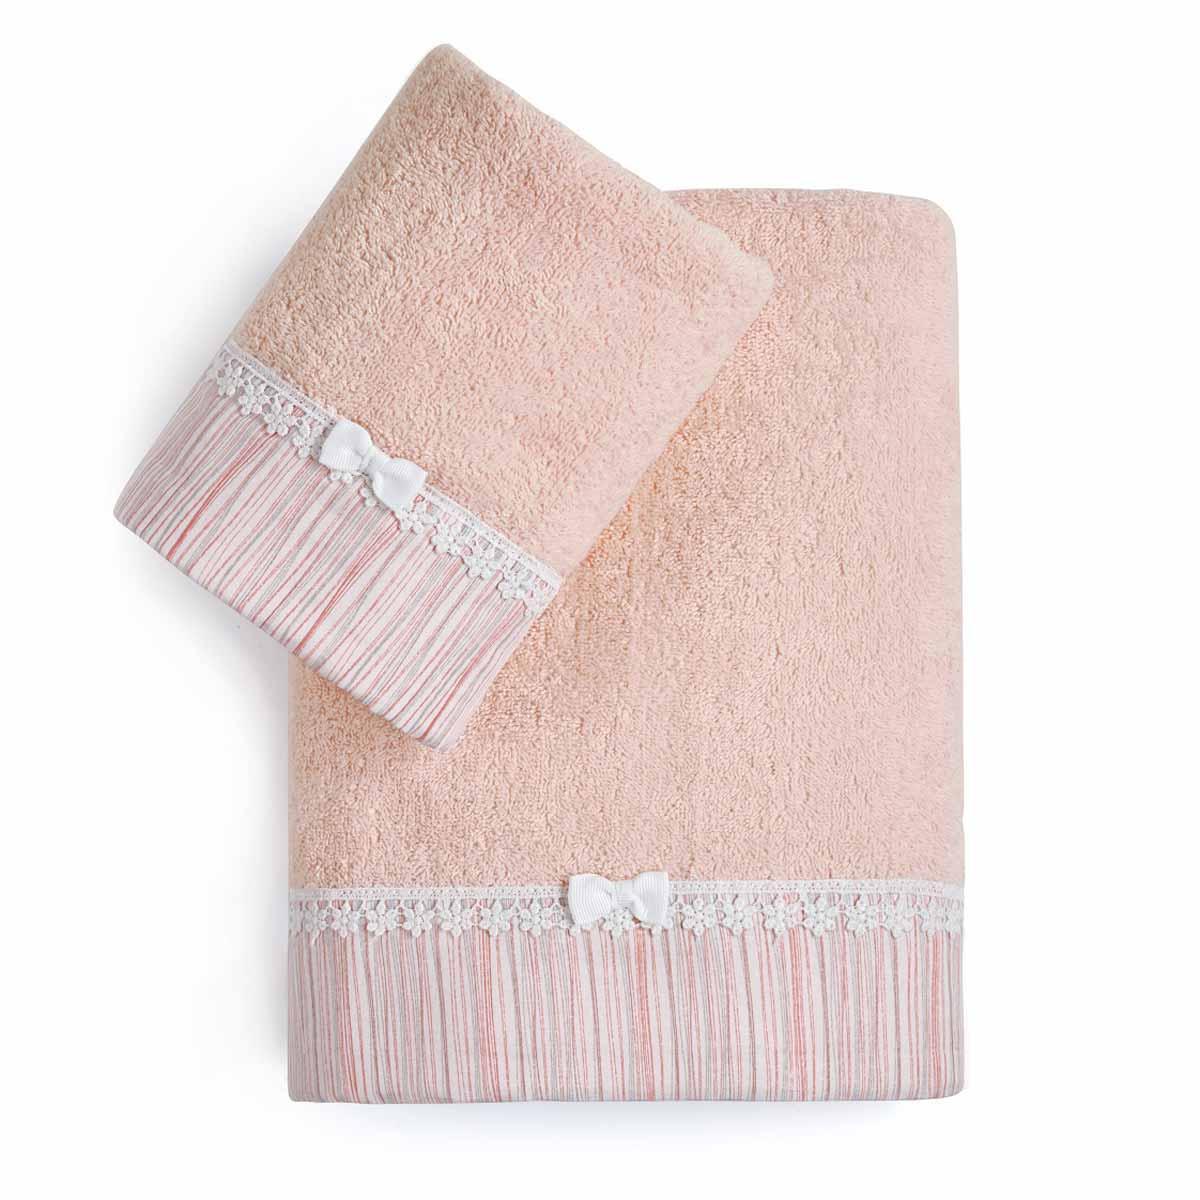 Παιδικές Πετσέτες (Σετ 2τμχ) Kentia Baby Nadine